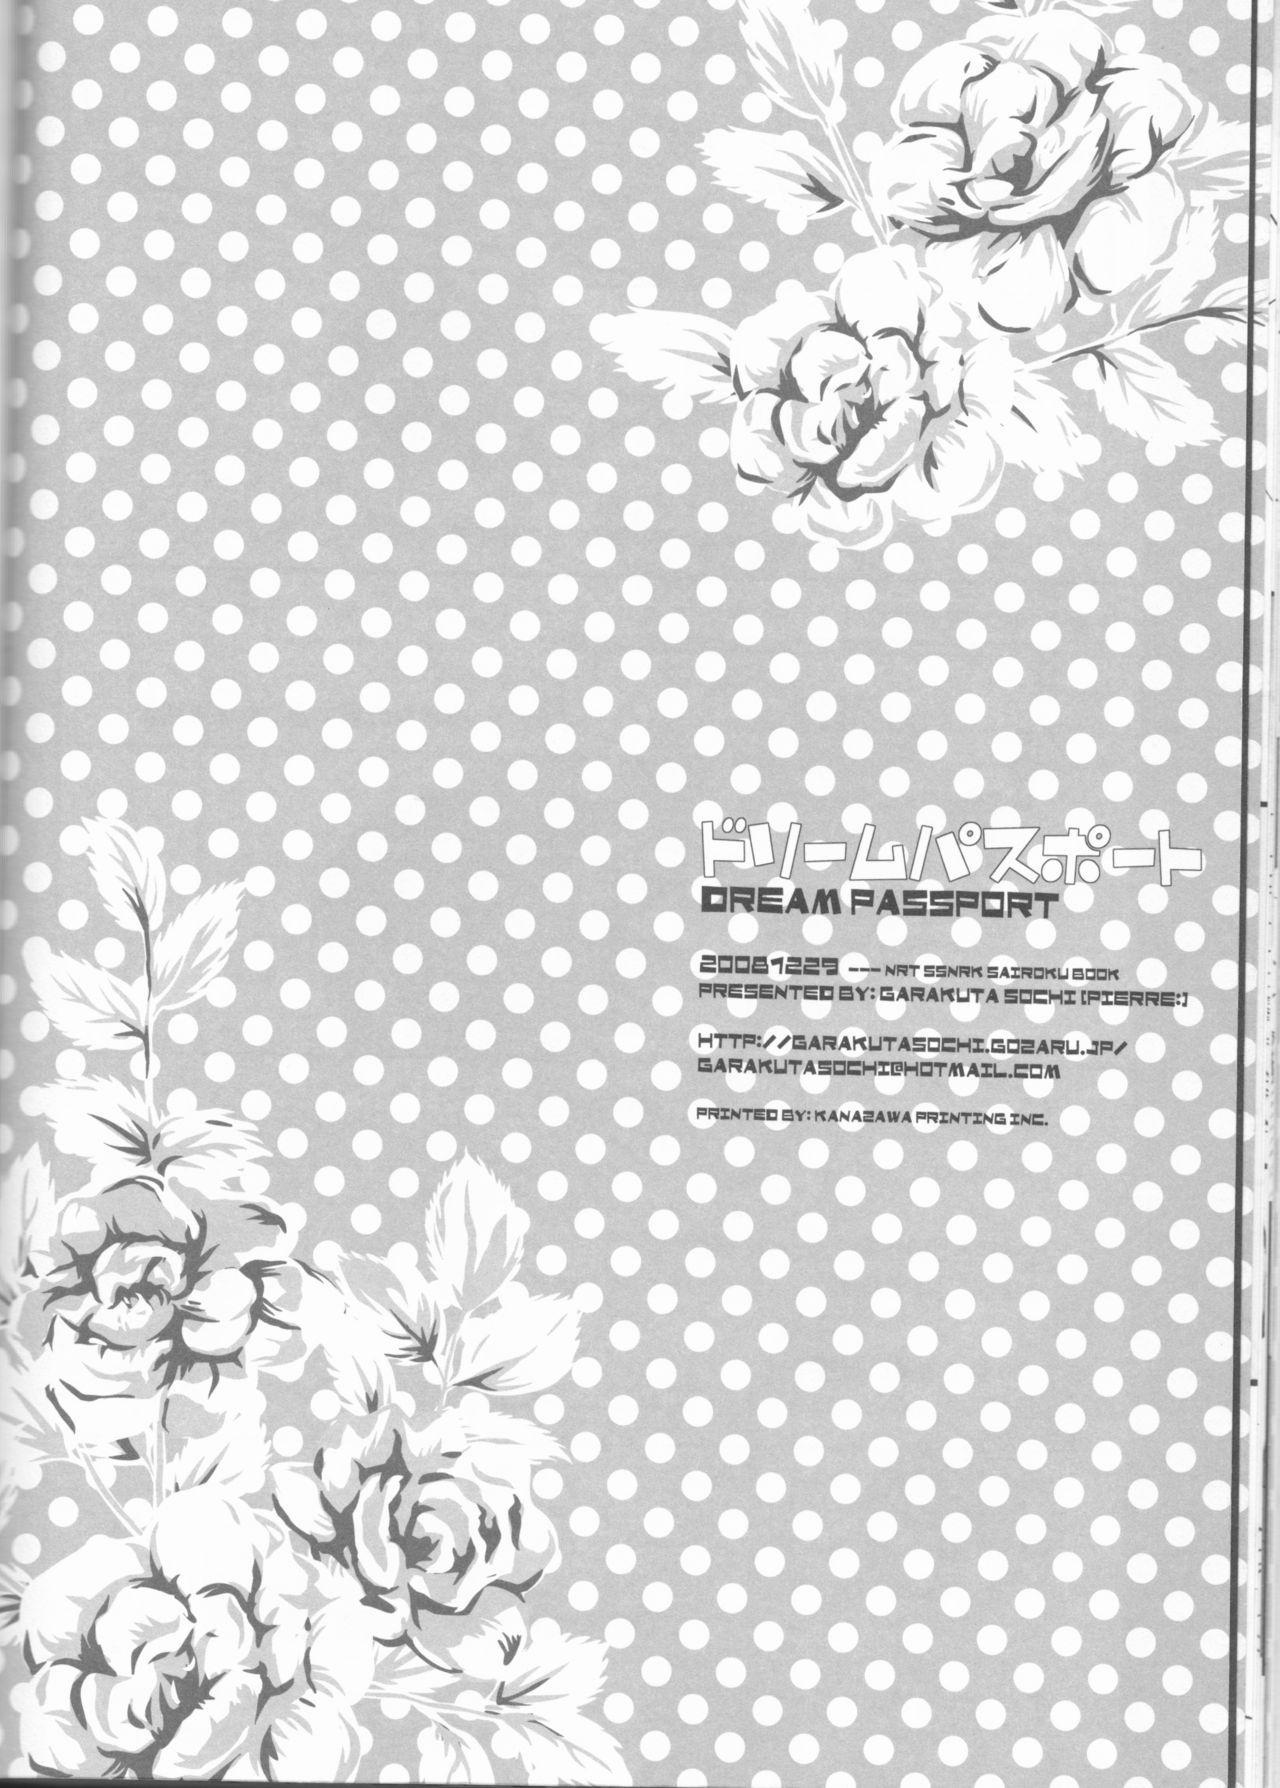 Dream Passport 150